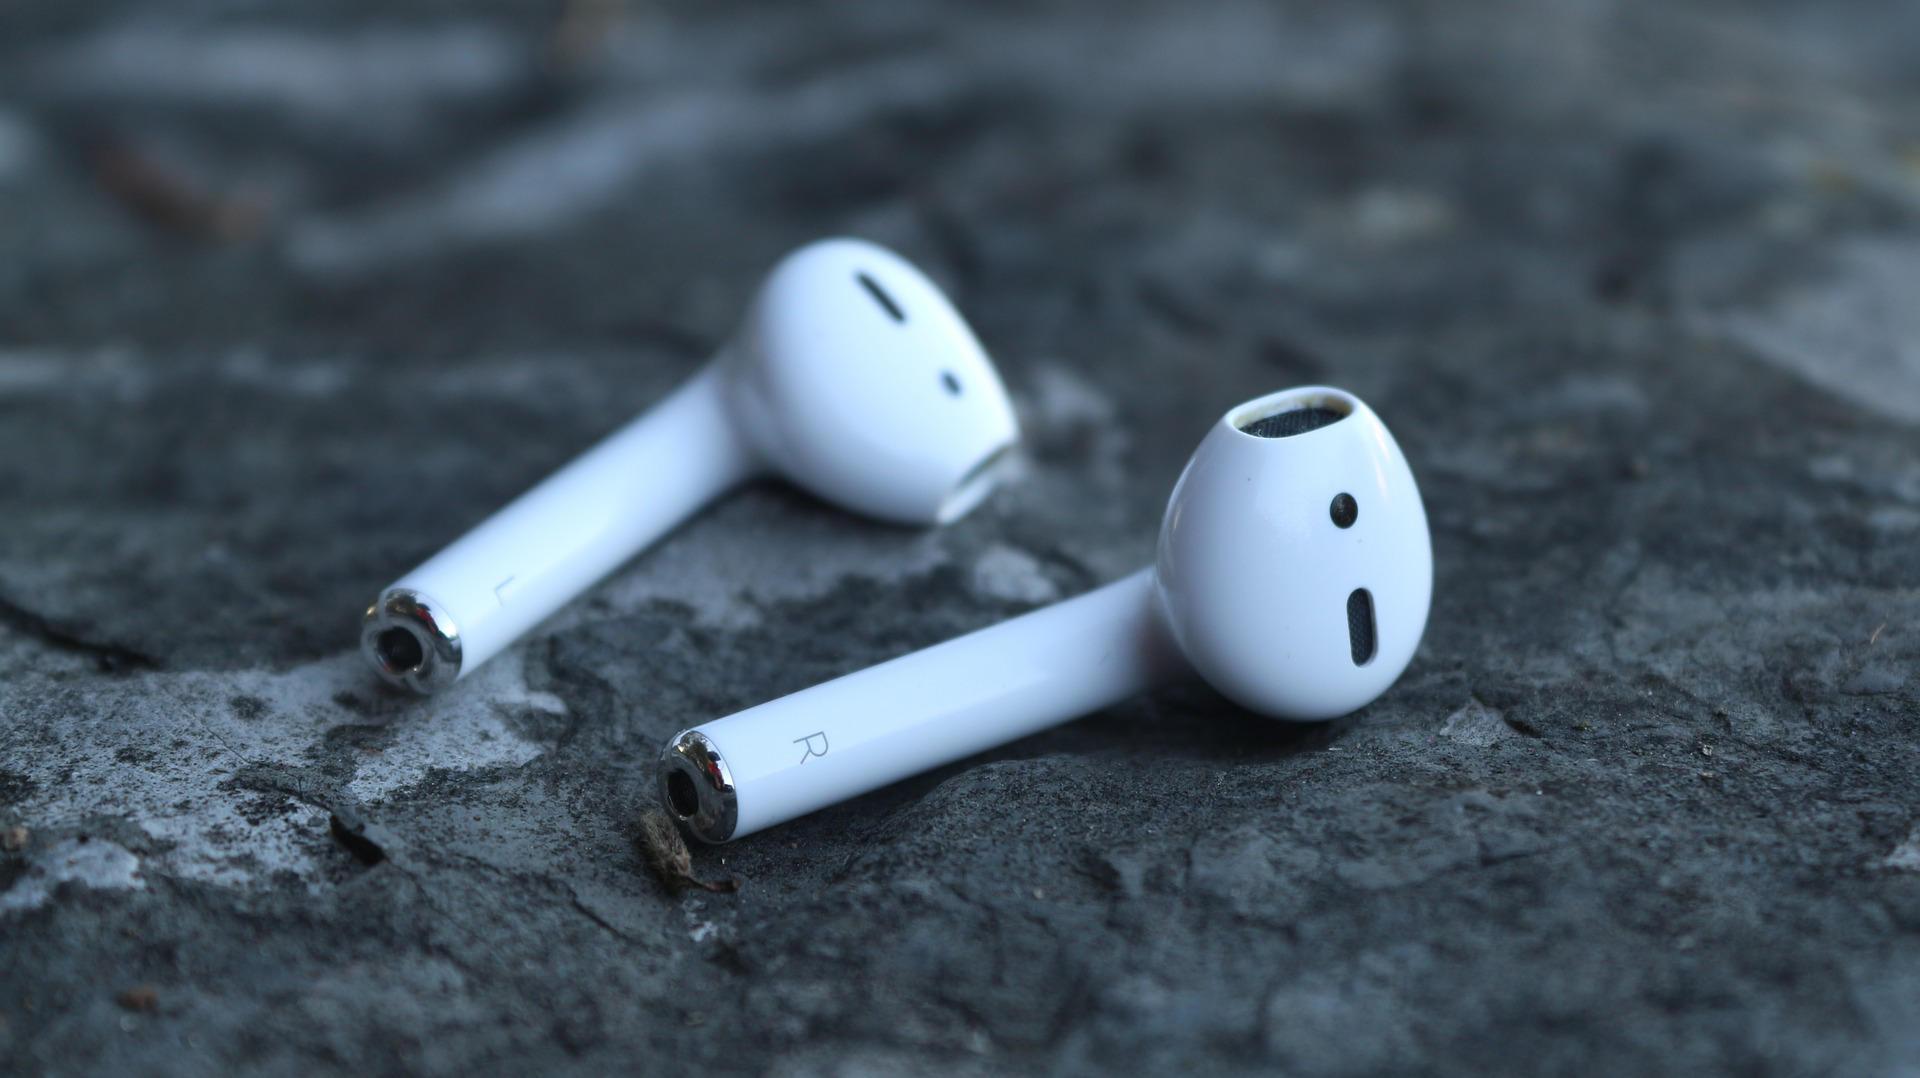 66000f6af10 Los mejores auriculares inalámbricos in-ear tipo AirPods que puedes comprar  en 2019 | Tecnología - ComputerHoy.com